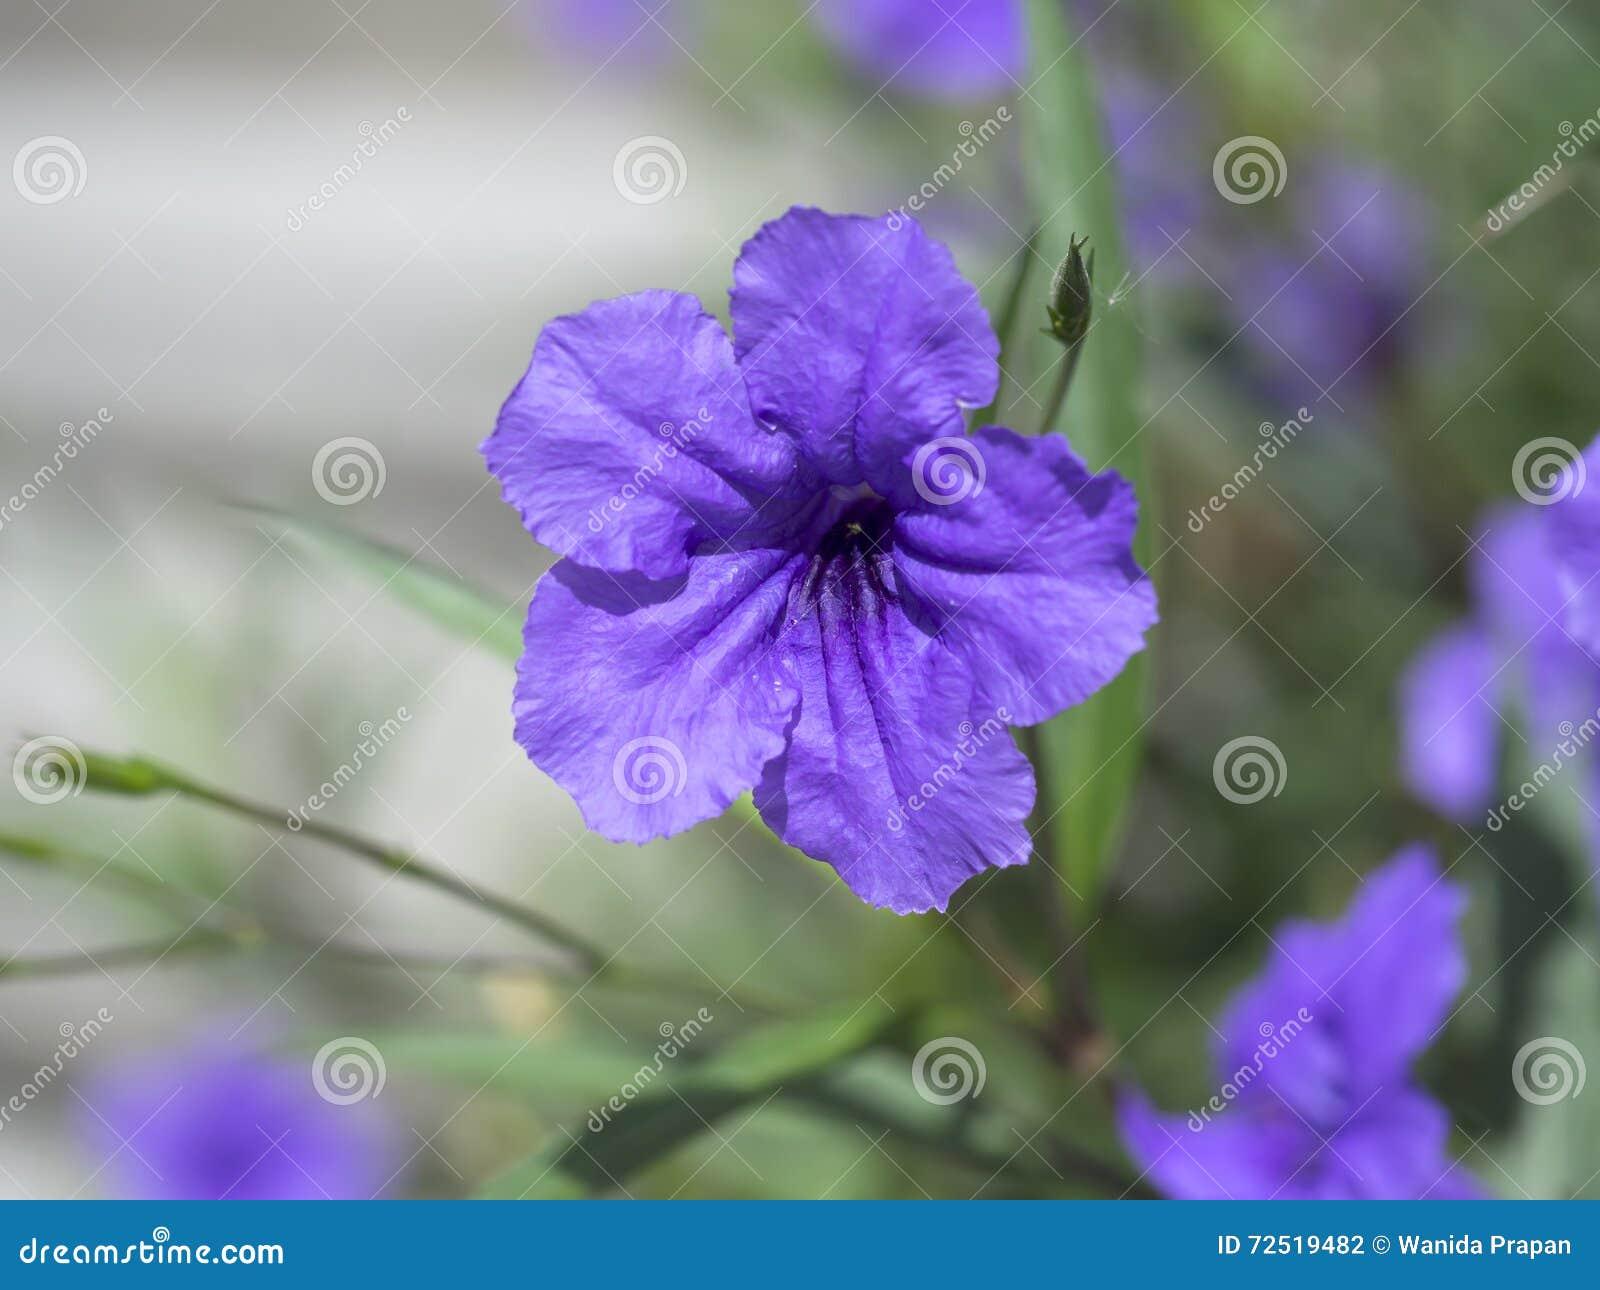 Het macrobeeld van de lente lilac violette en purpere bloemen, vat zachte bloemenachtergrond samen